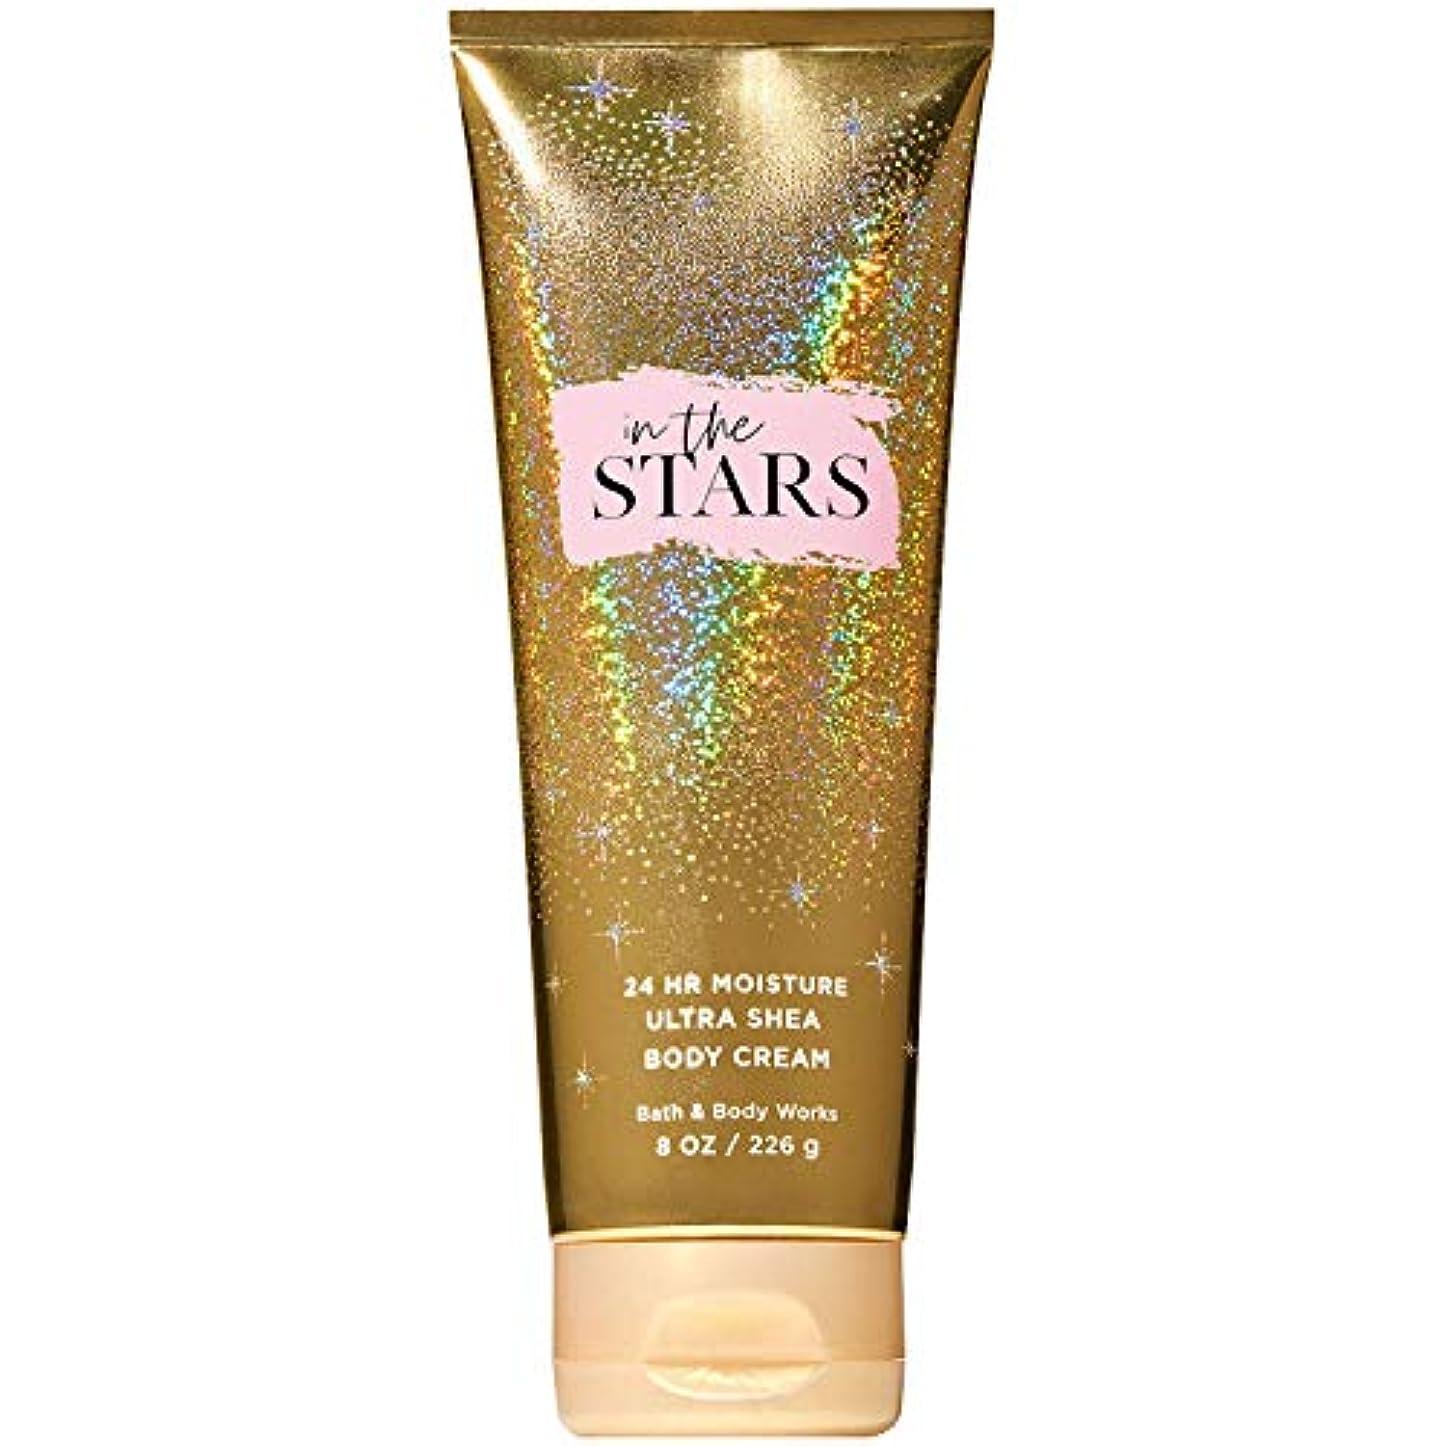 認知想像力賄賂バス&ボディワークス イン ザ スター ボディクリーム In the Stars Body Cream